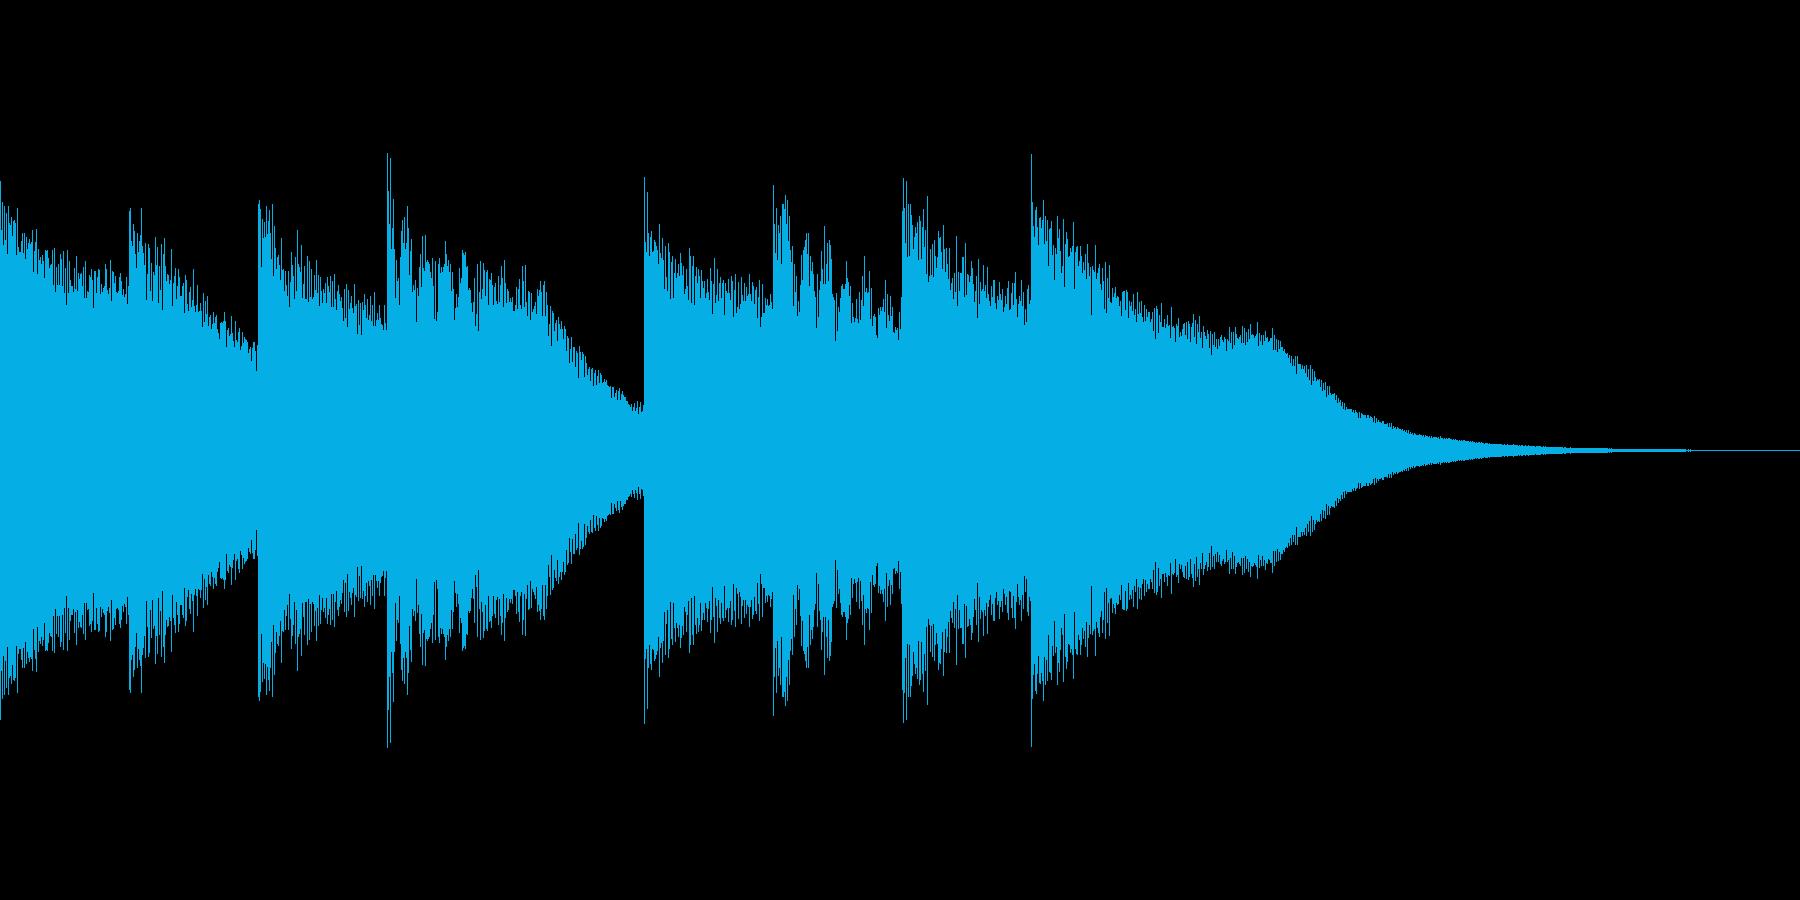 キンコンカンコン(学校のチャイム)の再生済みの波形